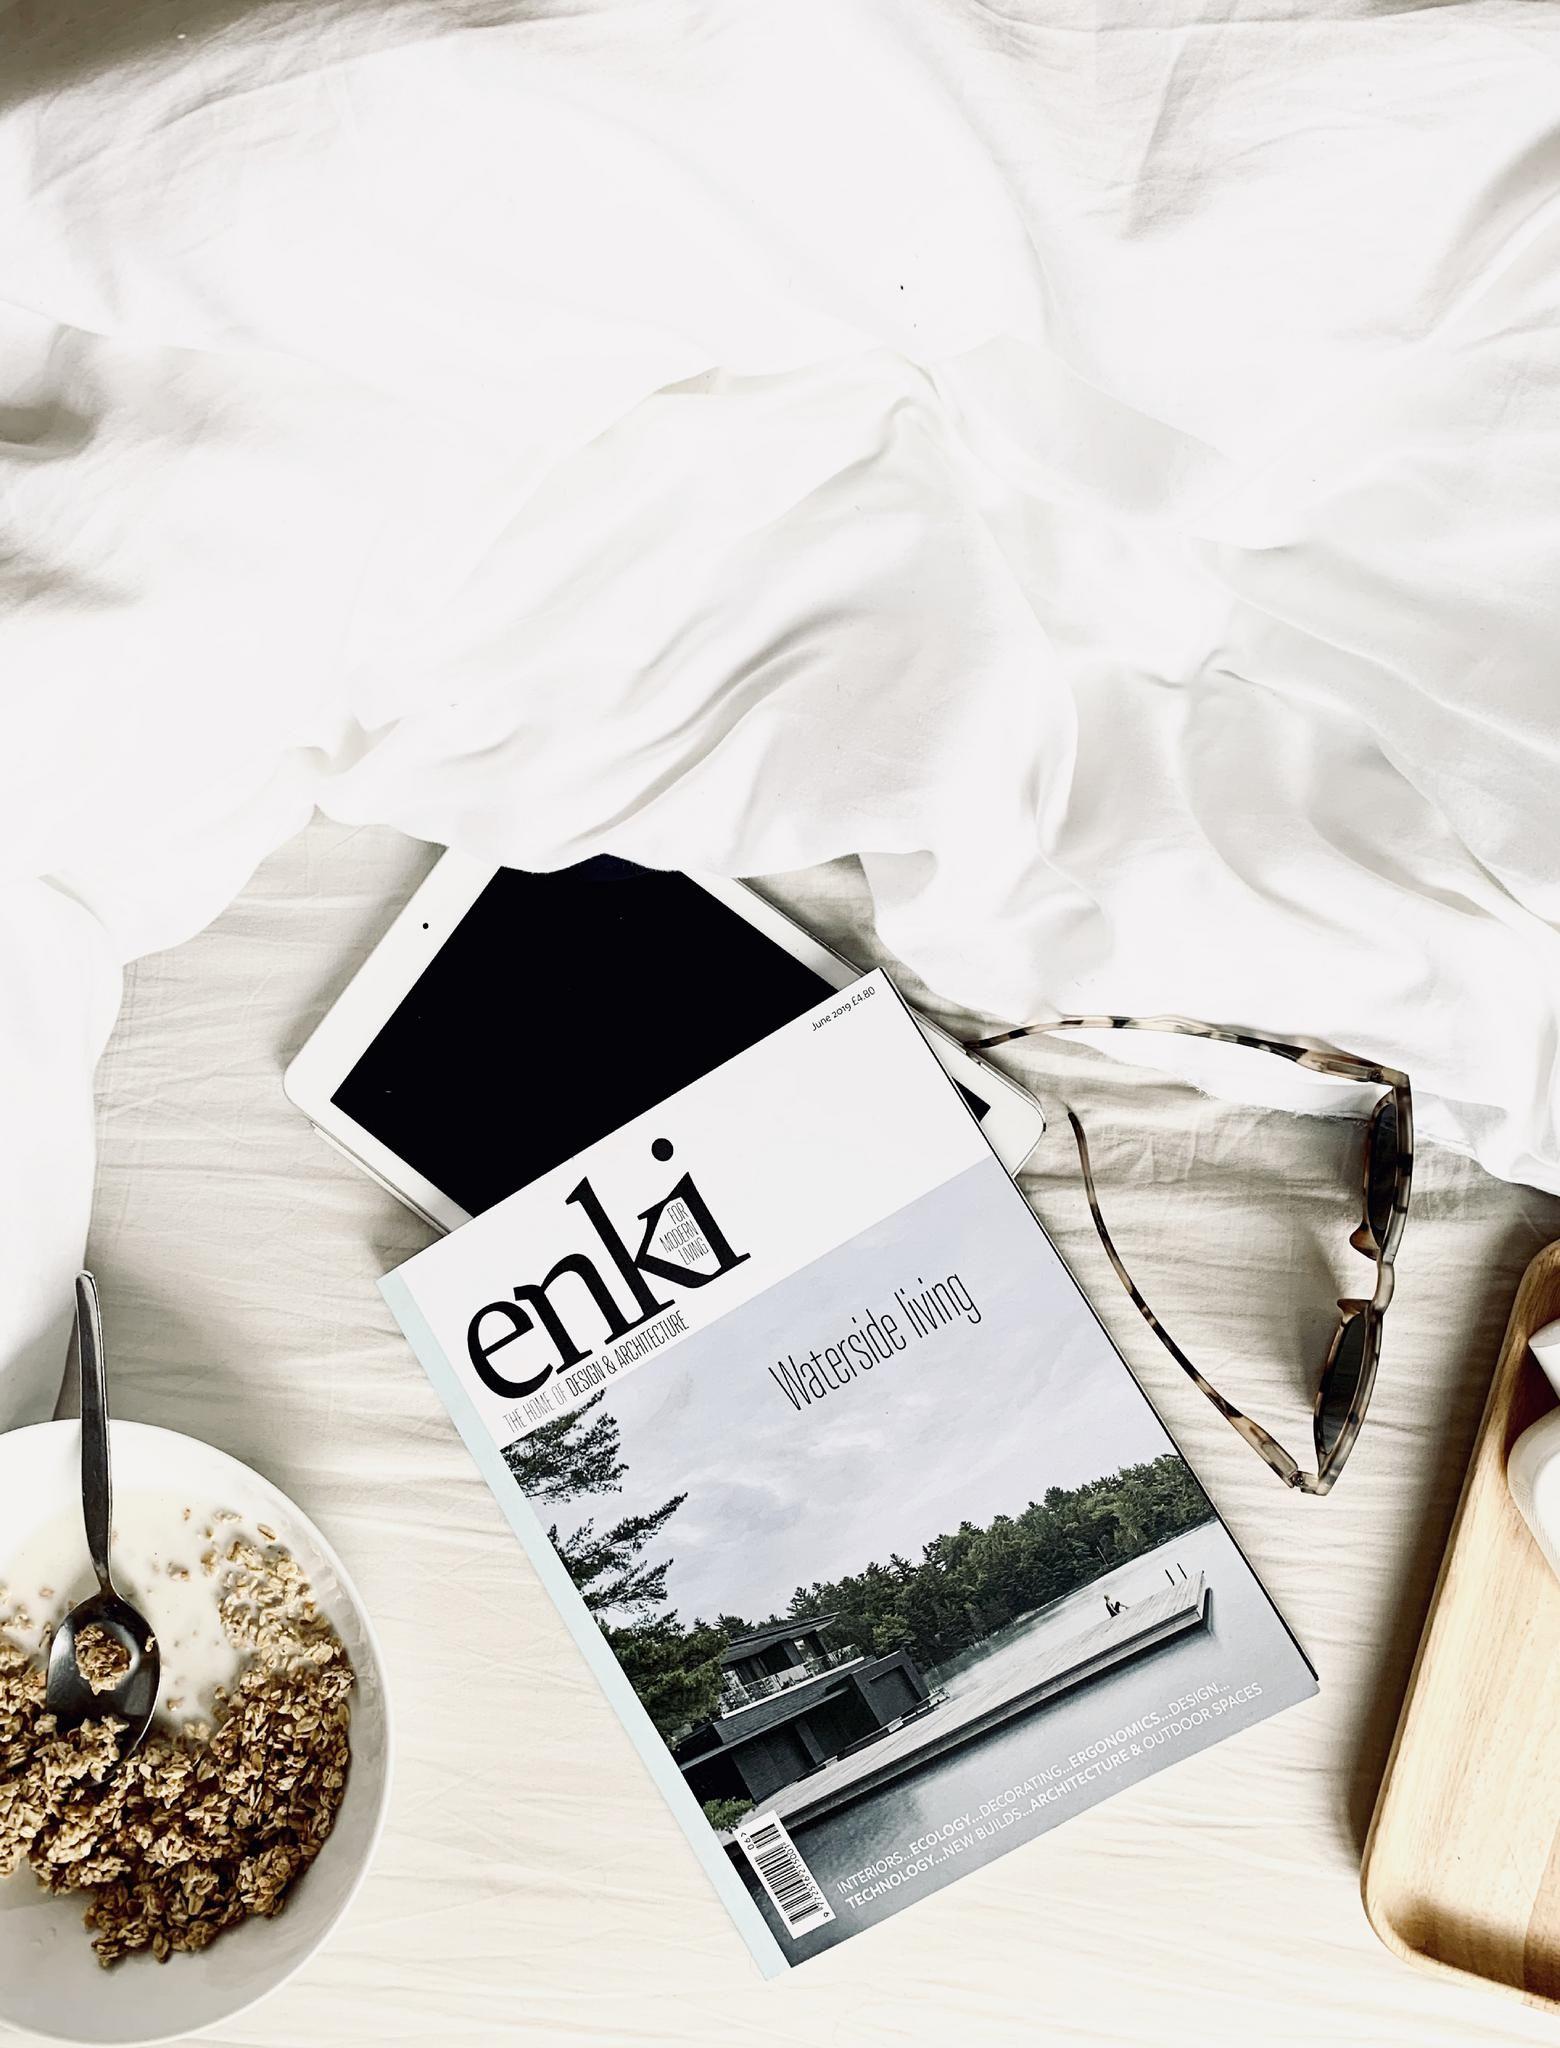 Vol_14_enki-mag